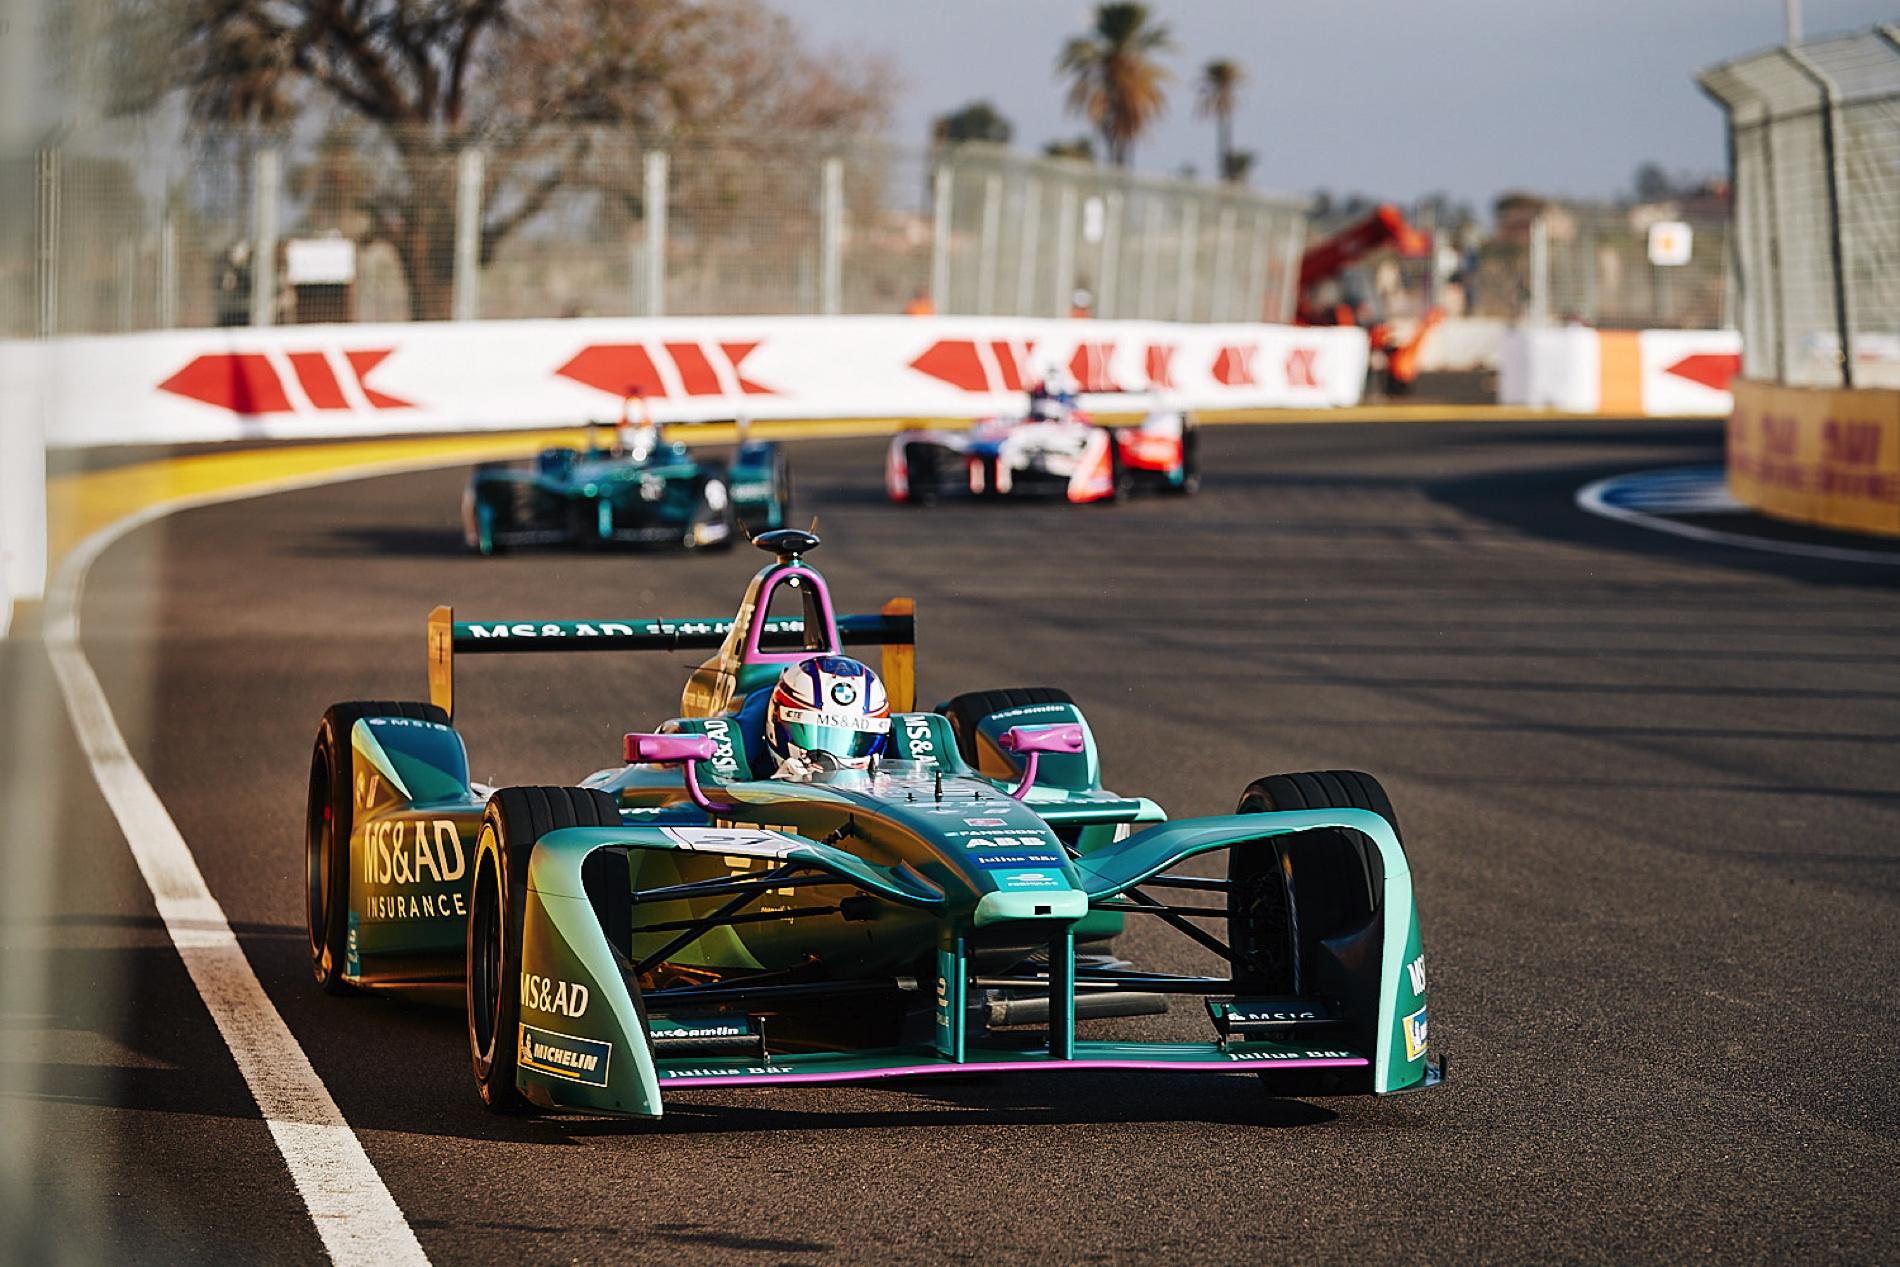 BMW Formula E MSAD Andretti 06